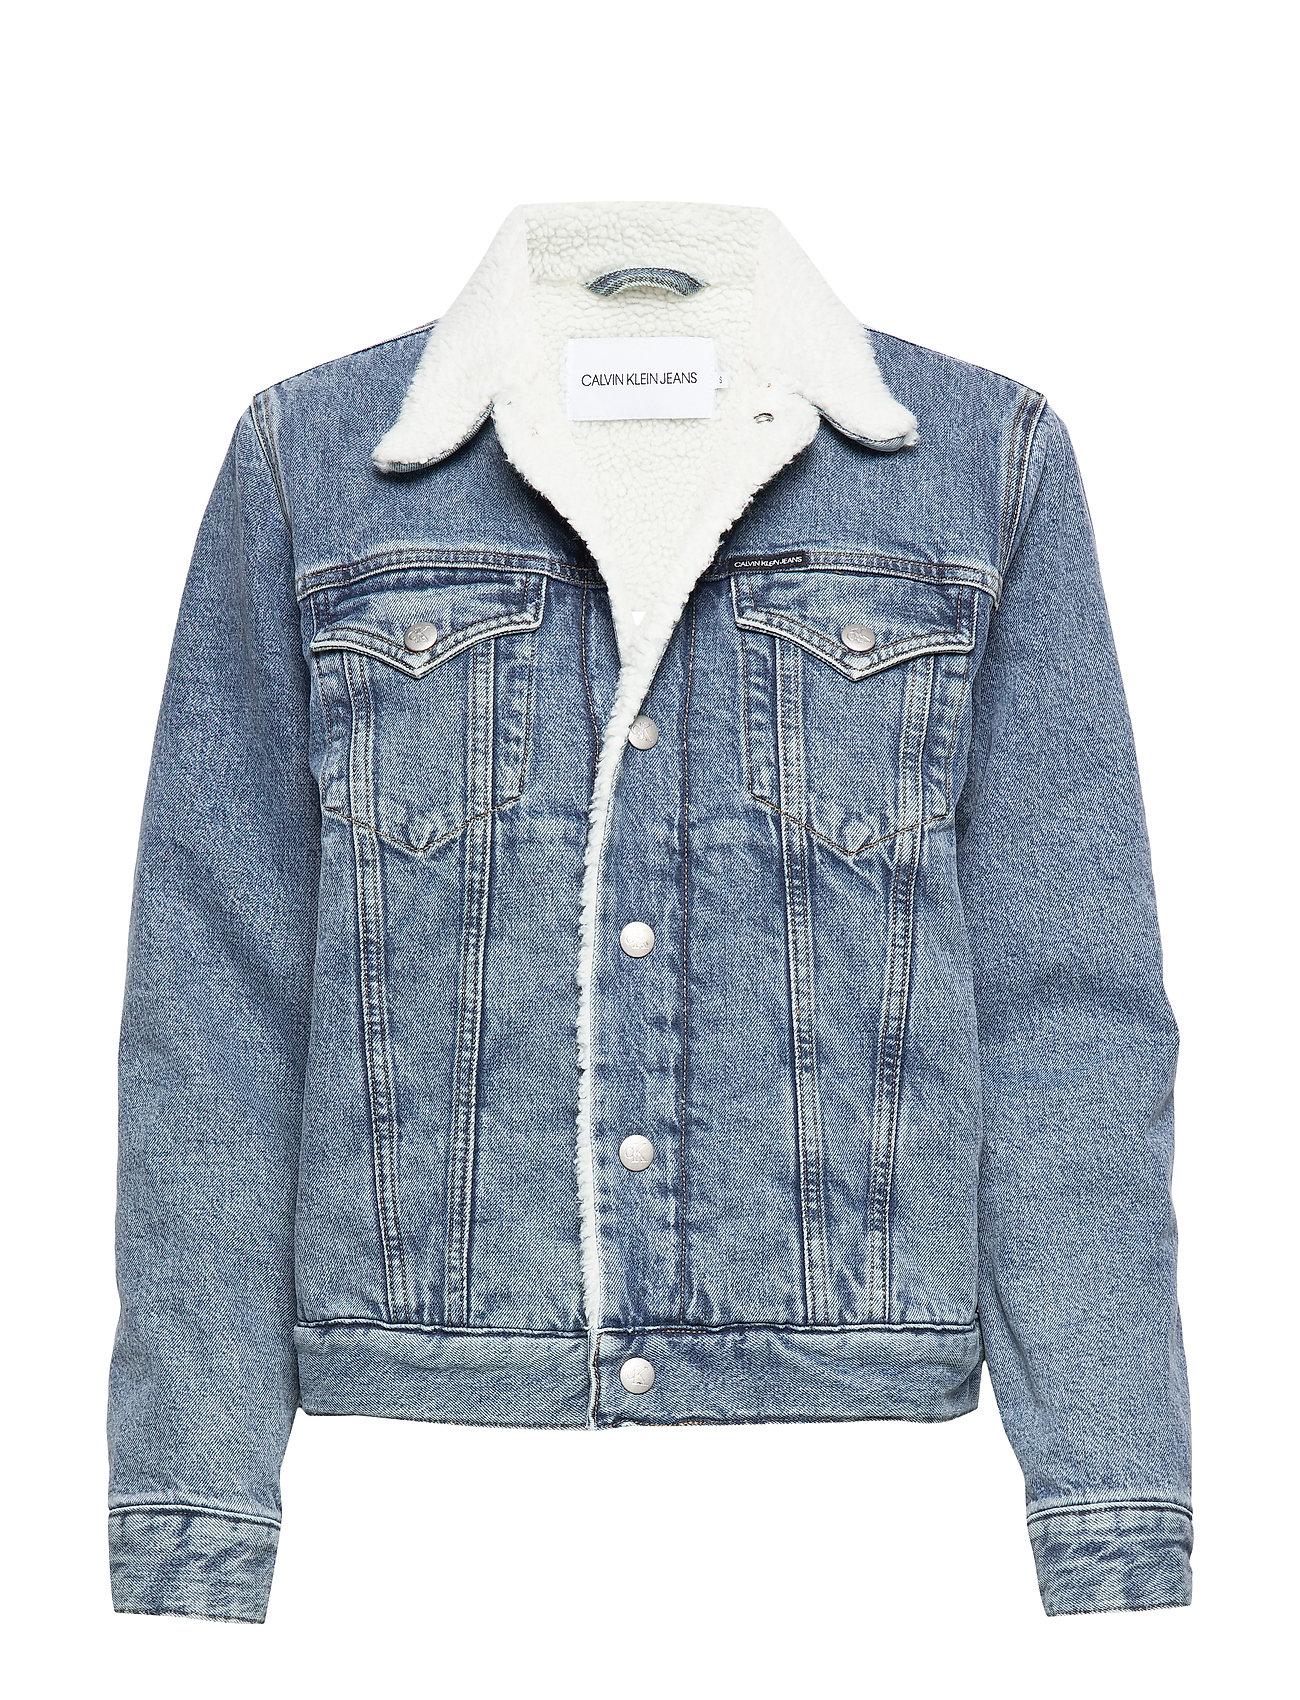 Calvin Klein Jeans SHERPA FOUNDATION DENIM TRUCKER - CA081 BRIGHT BLUE